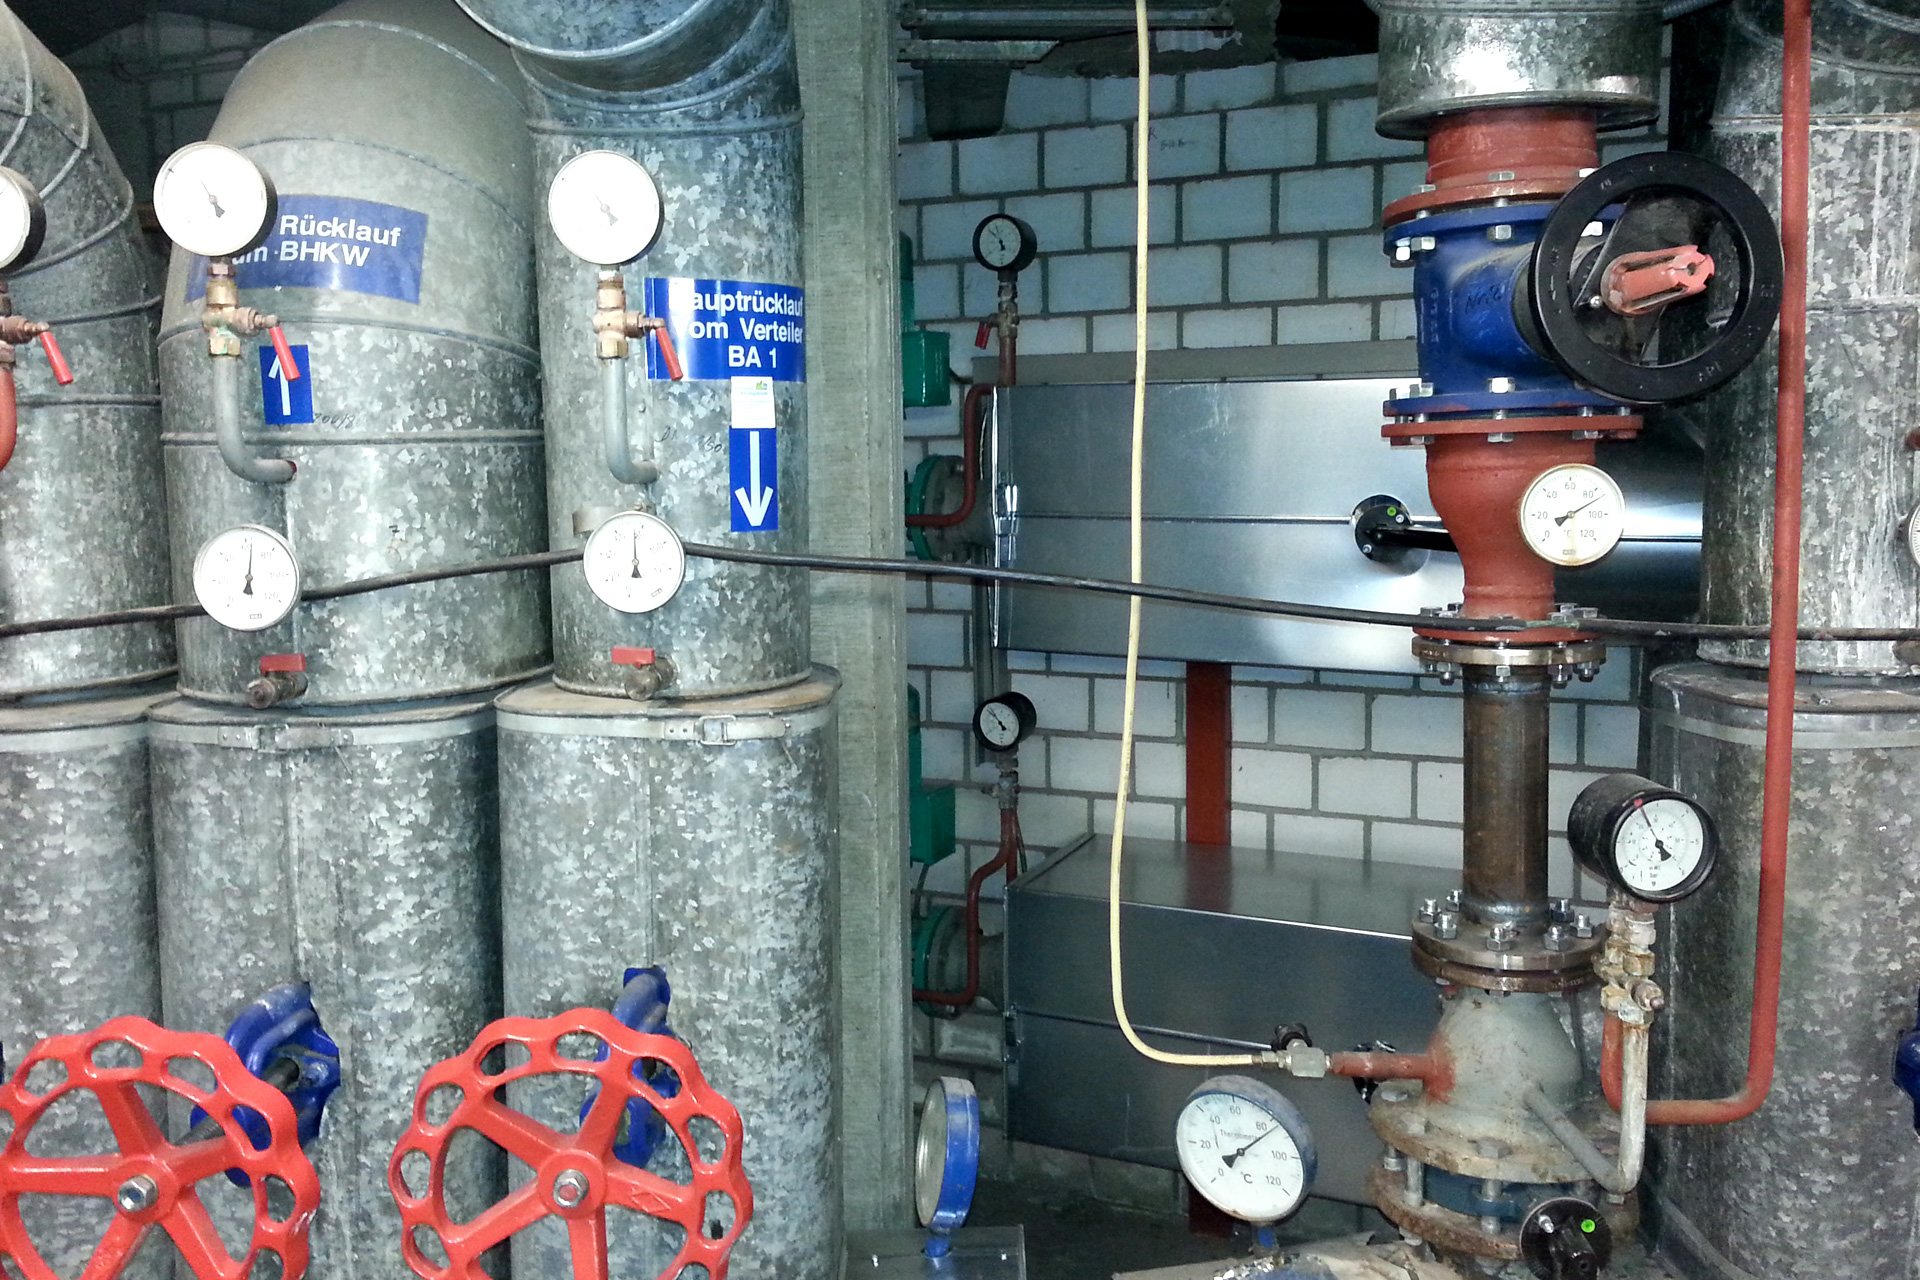 Referenzen, Wärmenetzoptimierung, Optimierung von Verteilnetzen